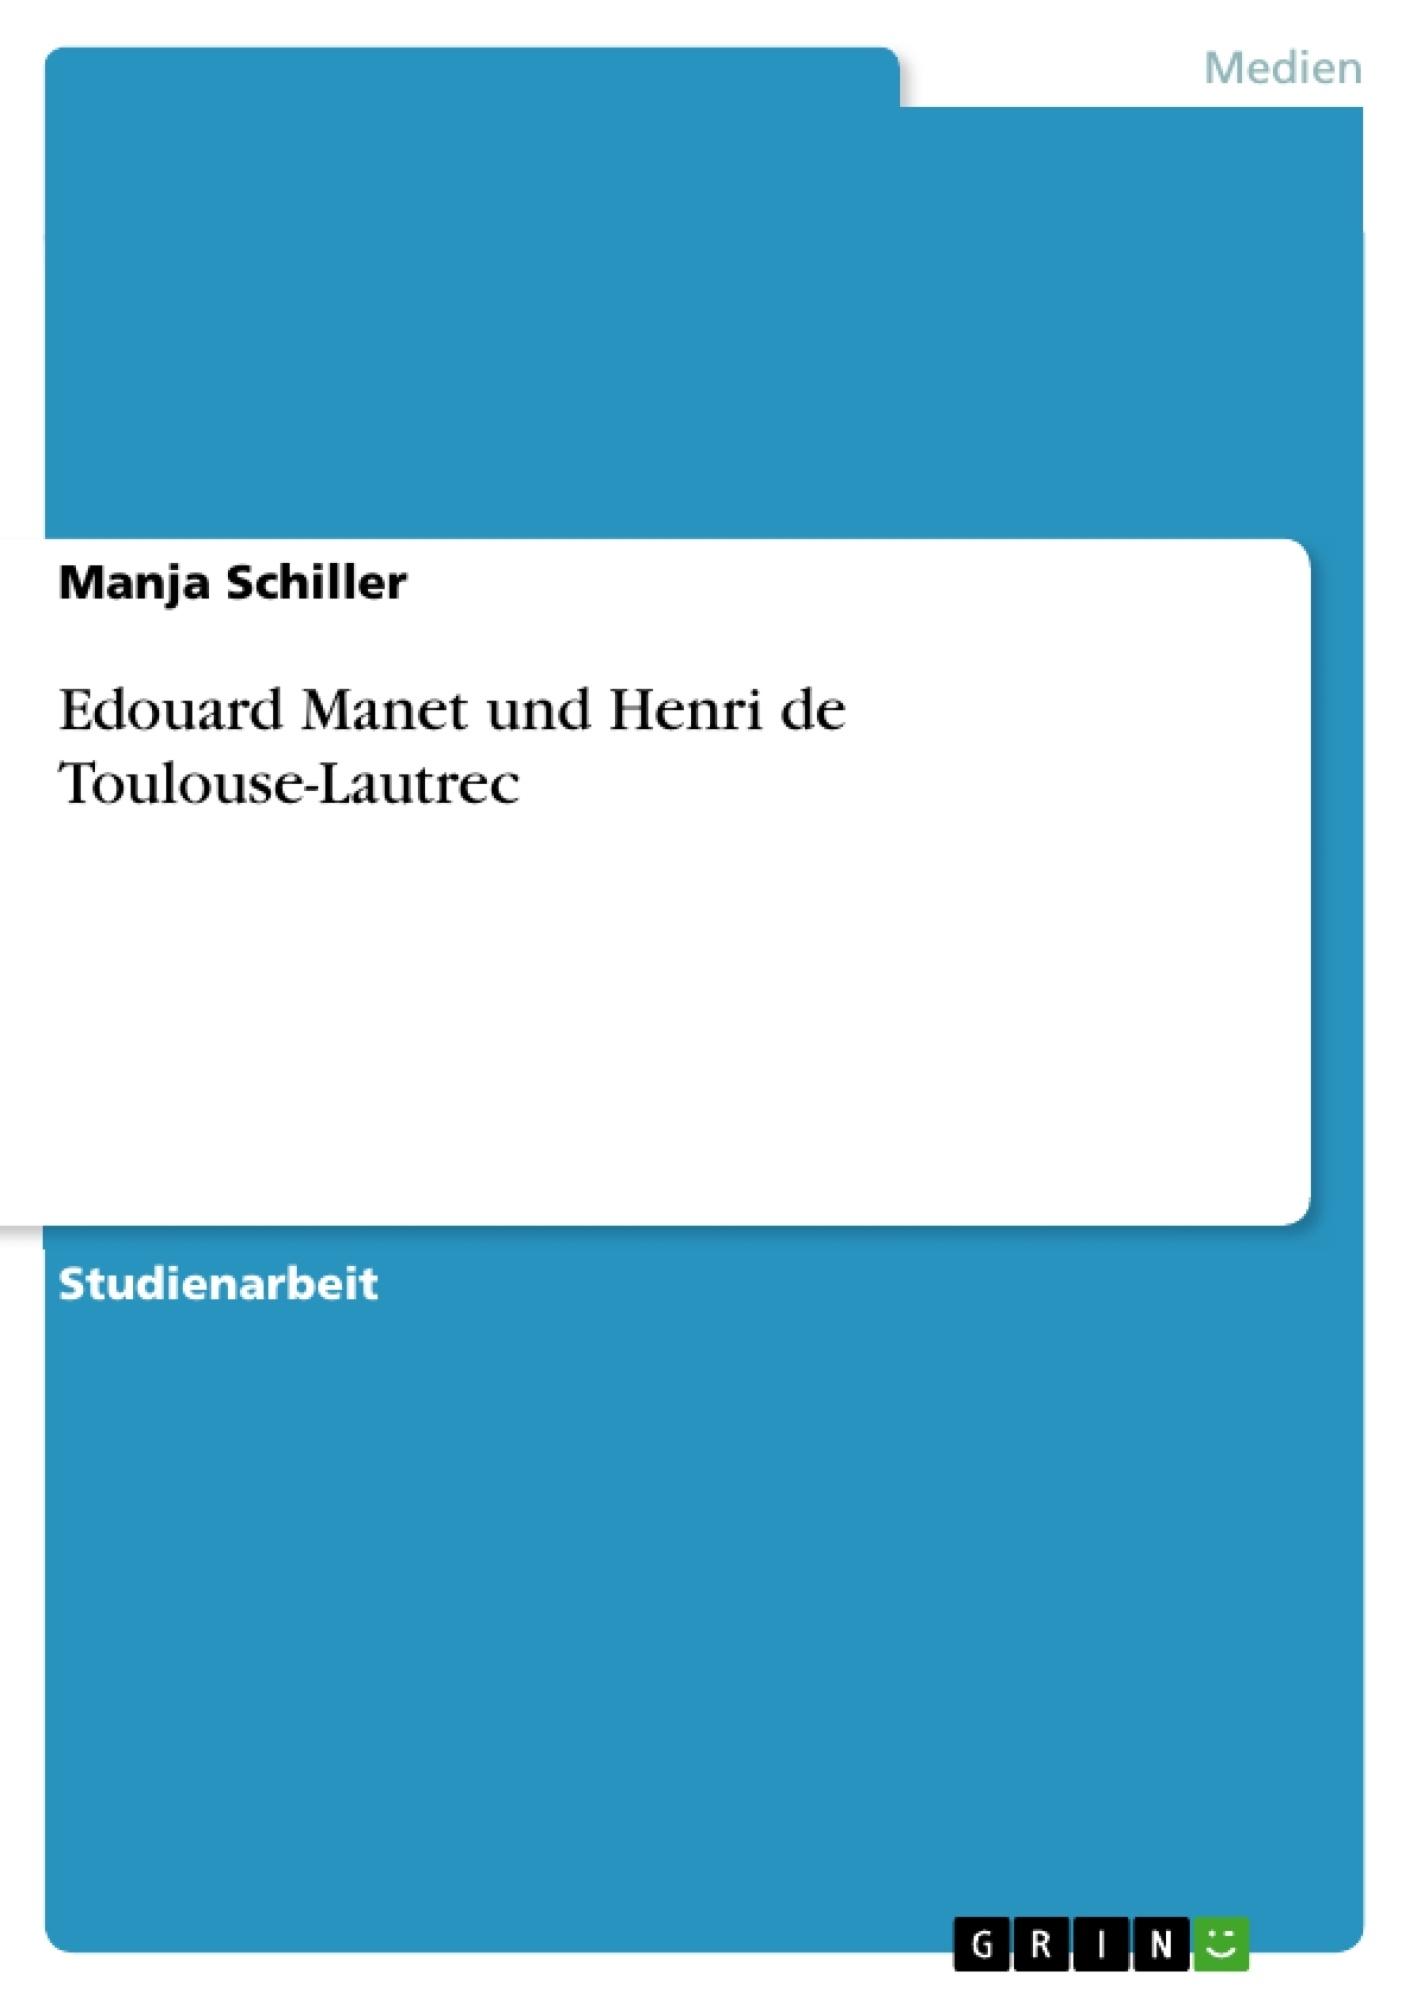 Titel: Edouard Manet und Henri de Toulouse-Lautrec